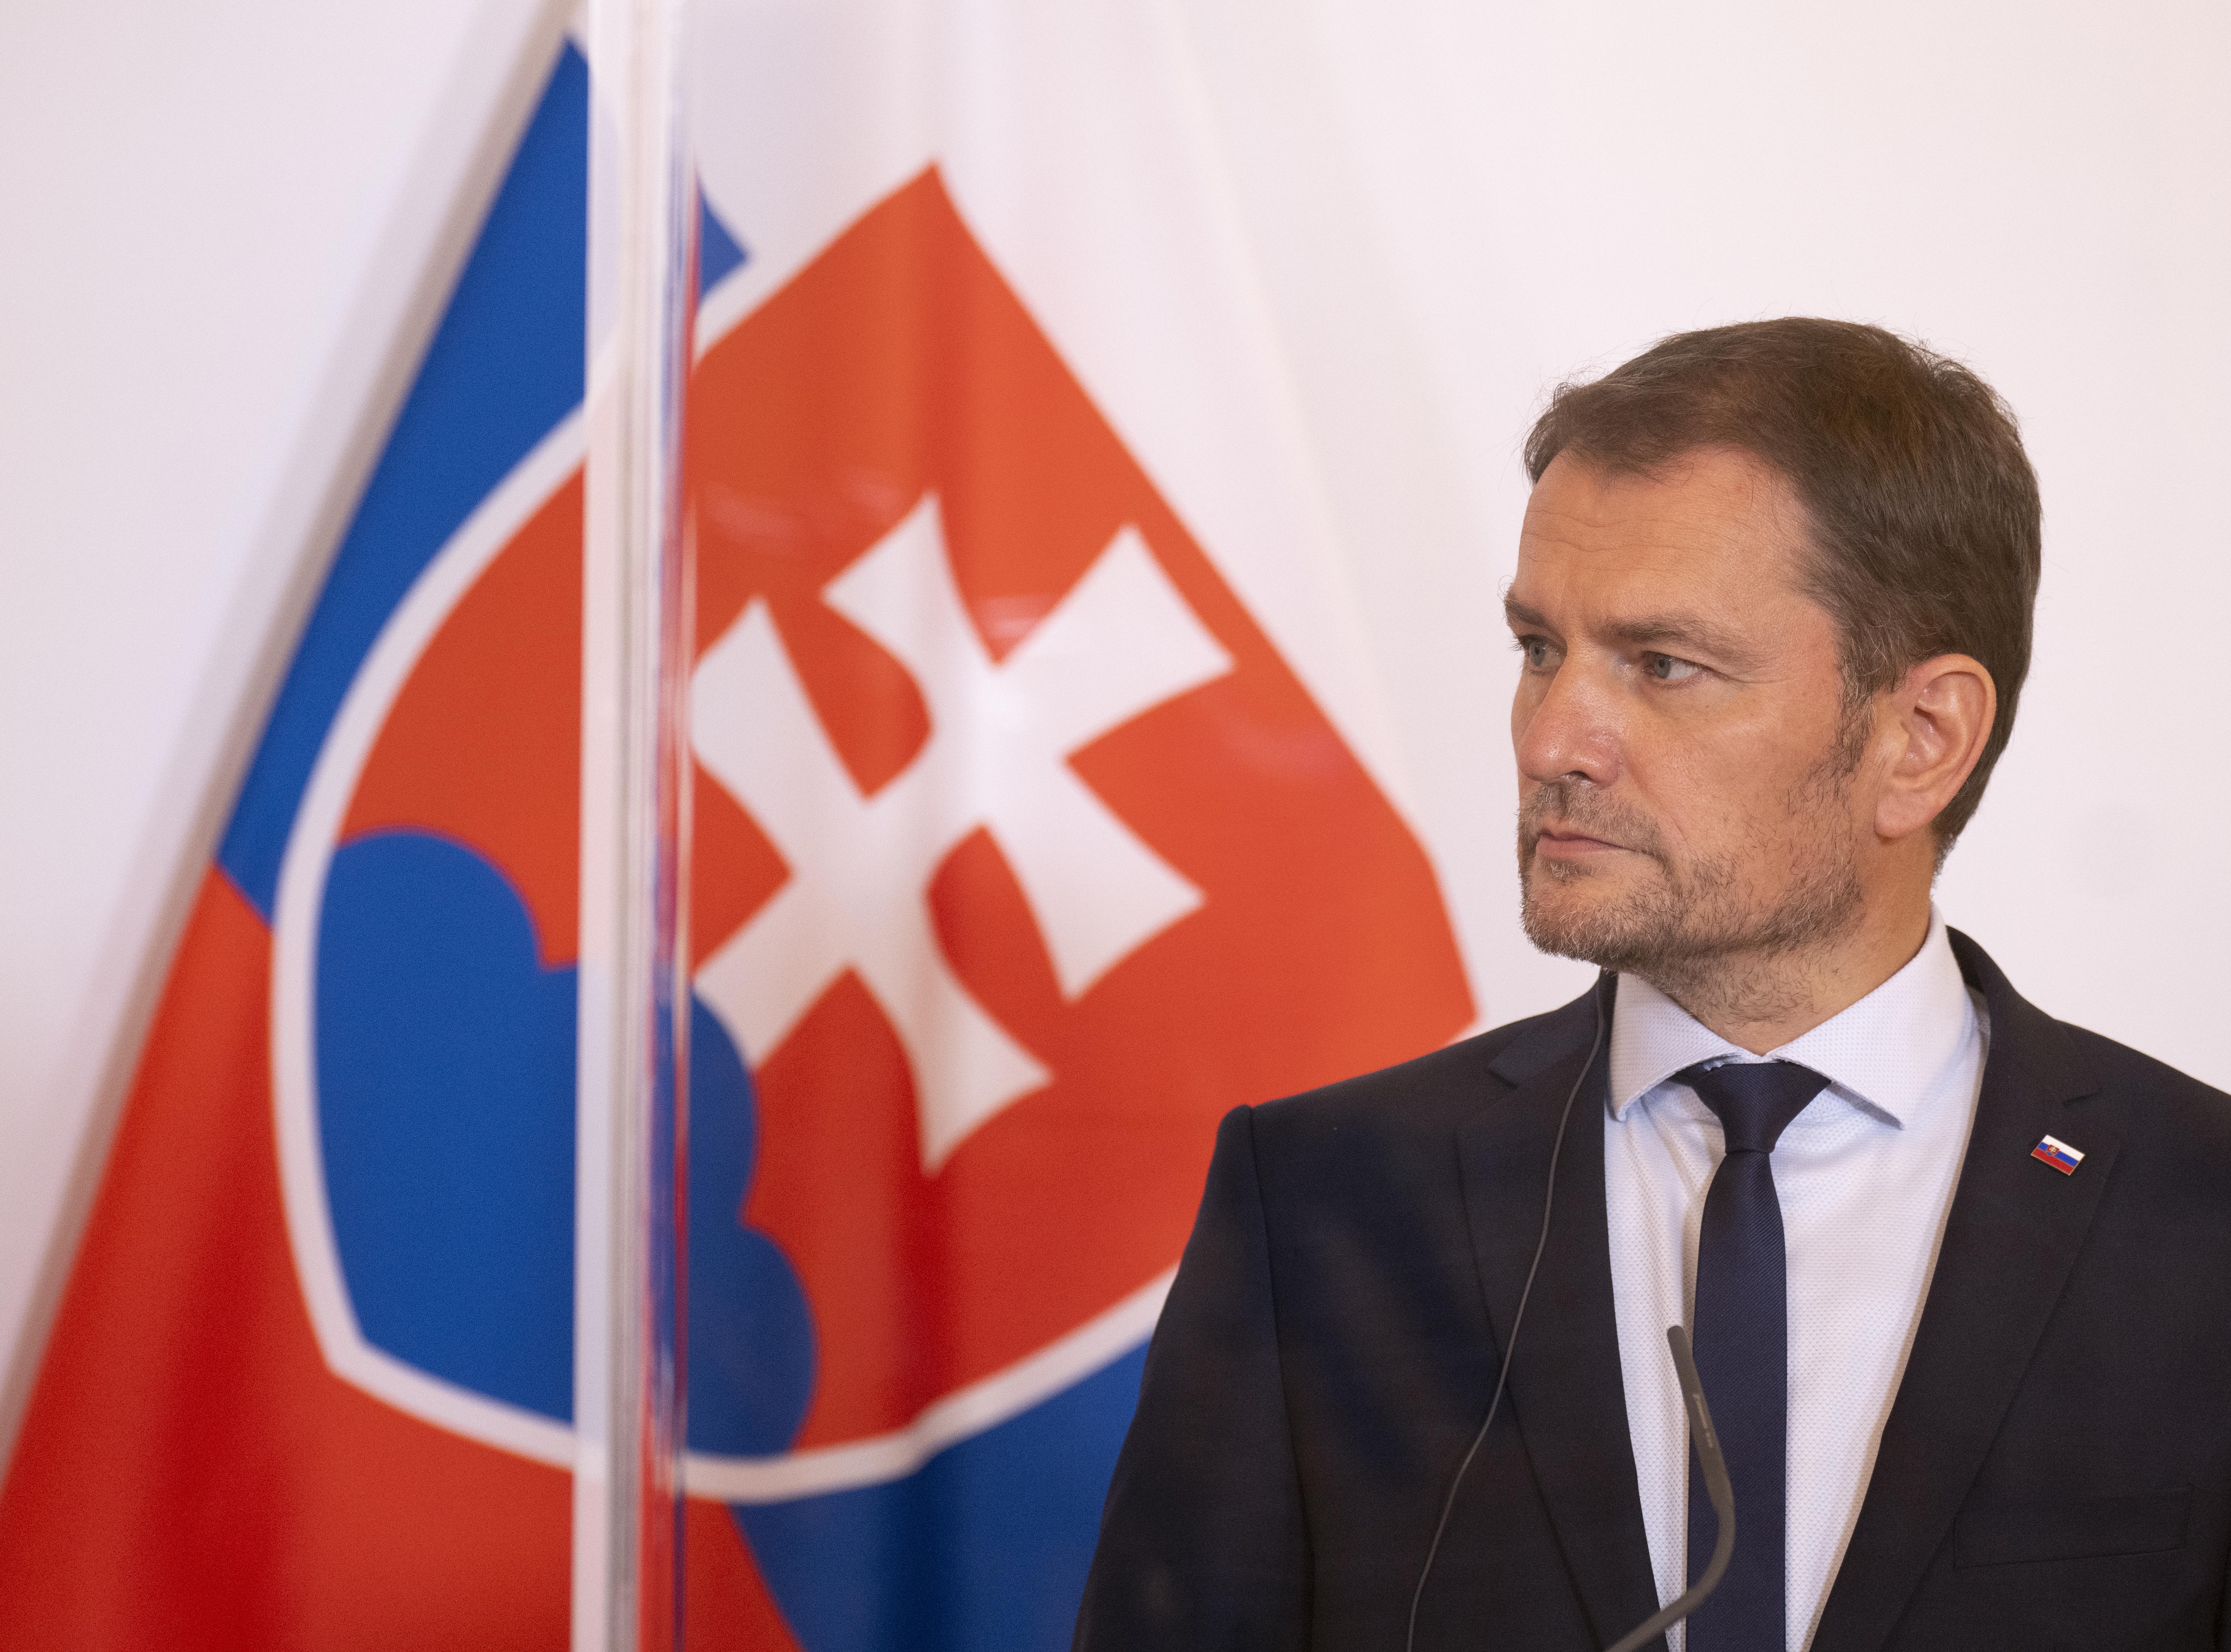 Szlovákia nem vásárol orosz vakcinát